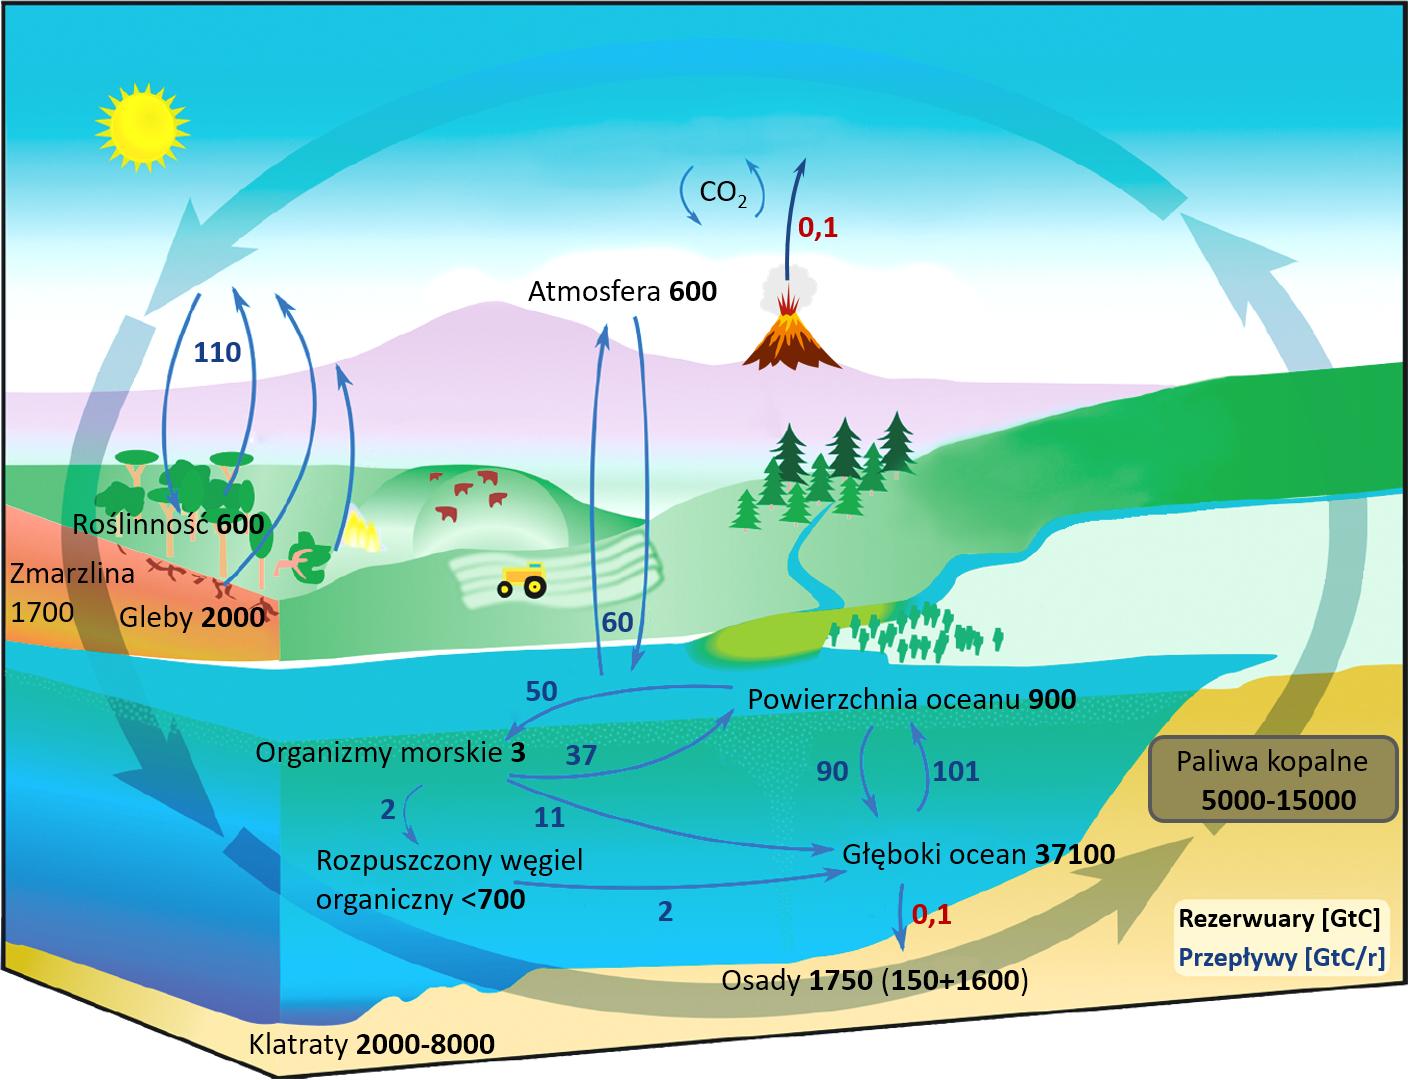 Krążenie węgla w systemie klimatycznym Ziemi - Klimat Ziemi